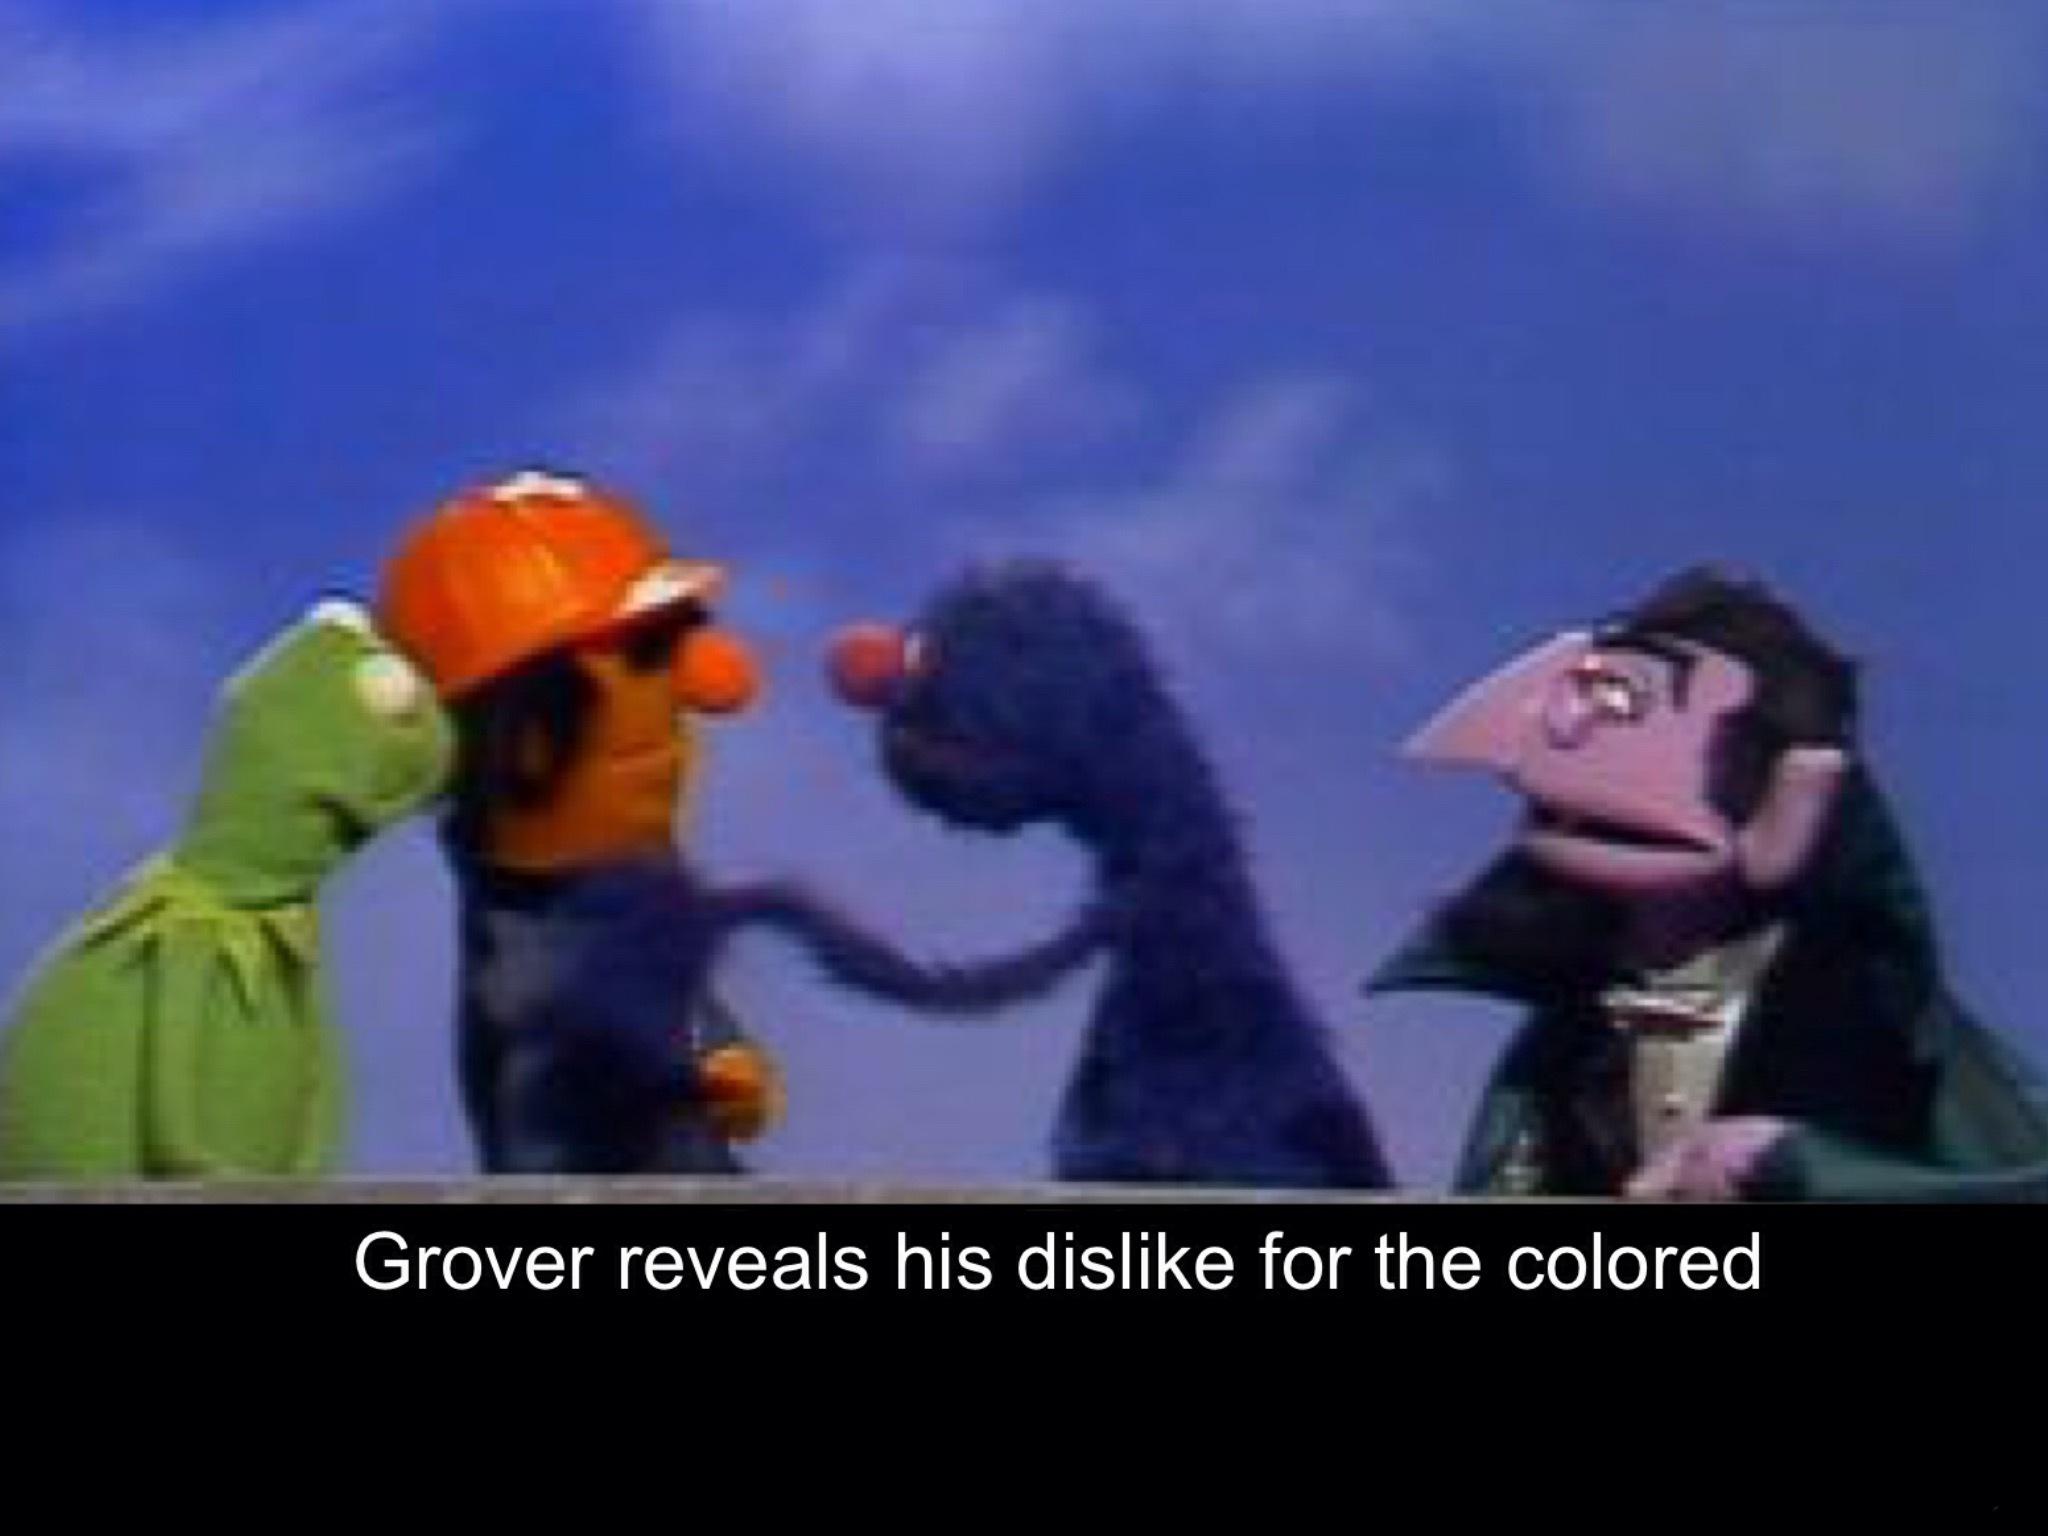 Offensive Meme About Meme